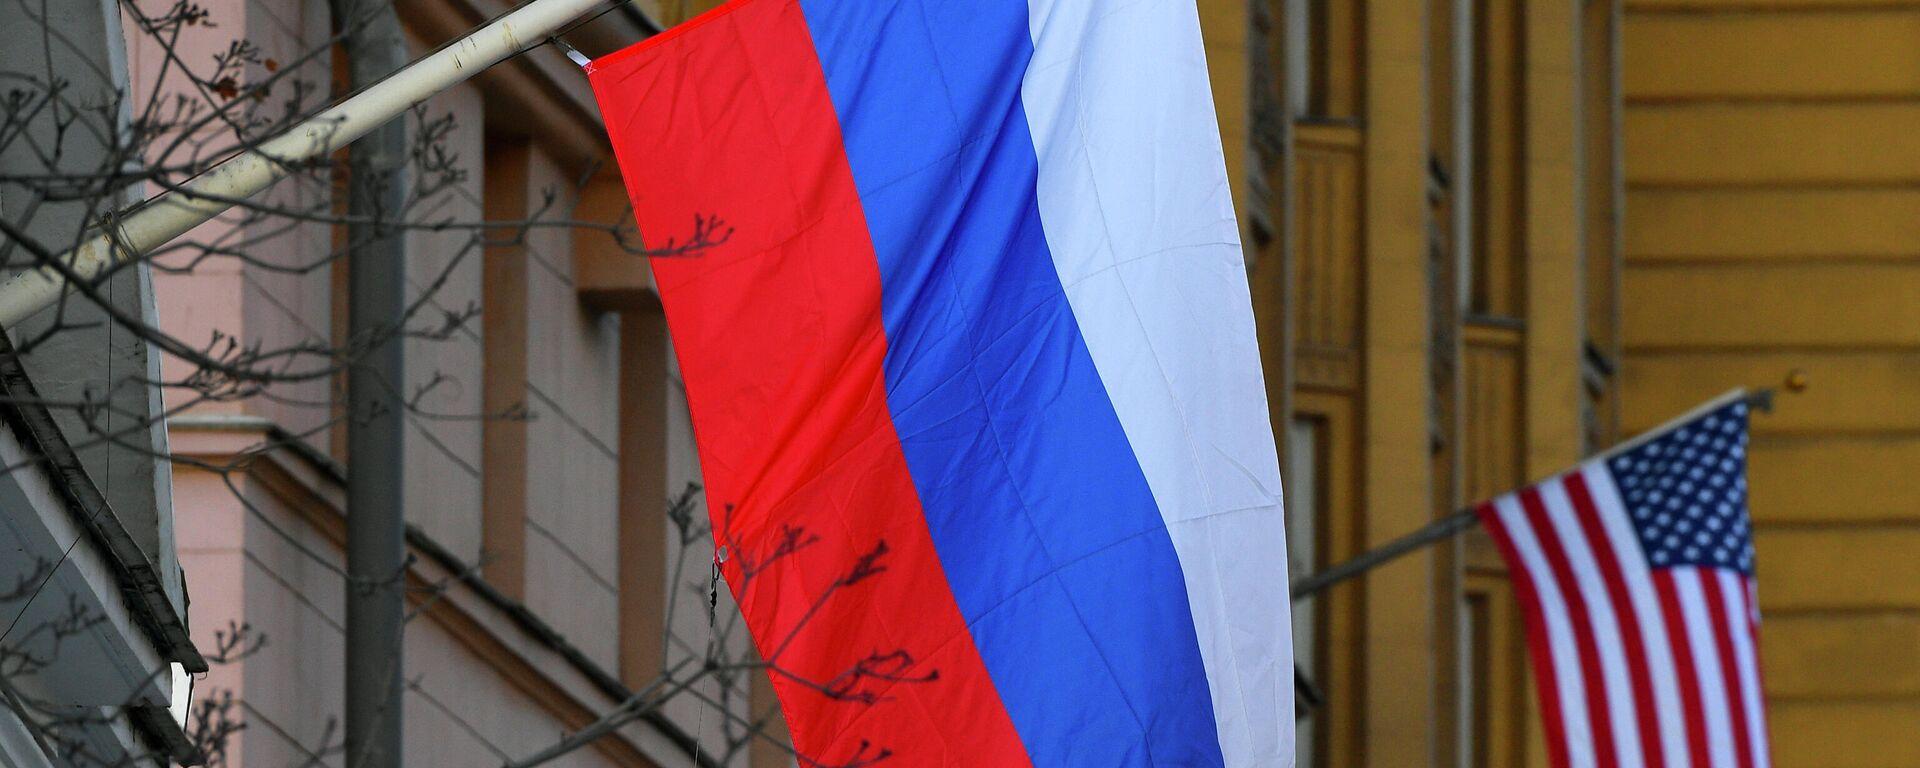 Banderas de Rusia y EEUU en la Embajada estadounidense en Moscú - Sputnik Mundo, 1920, 08.10.2021